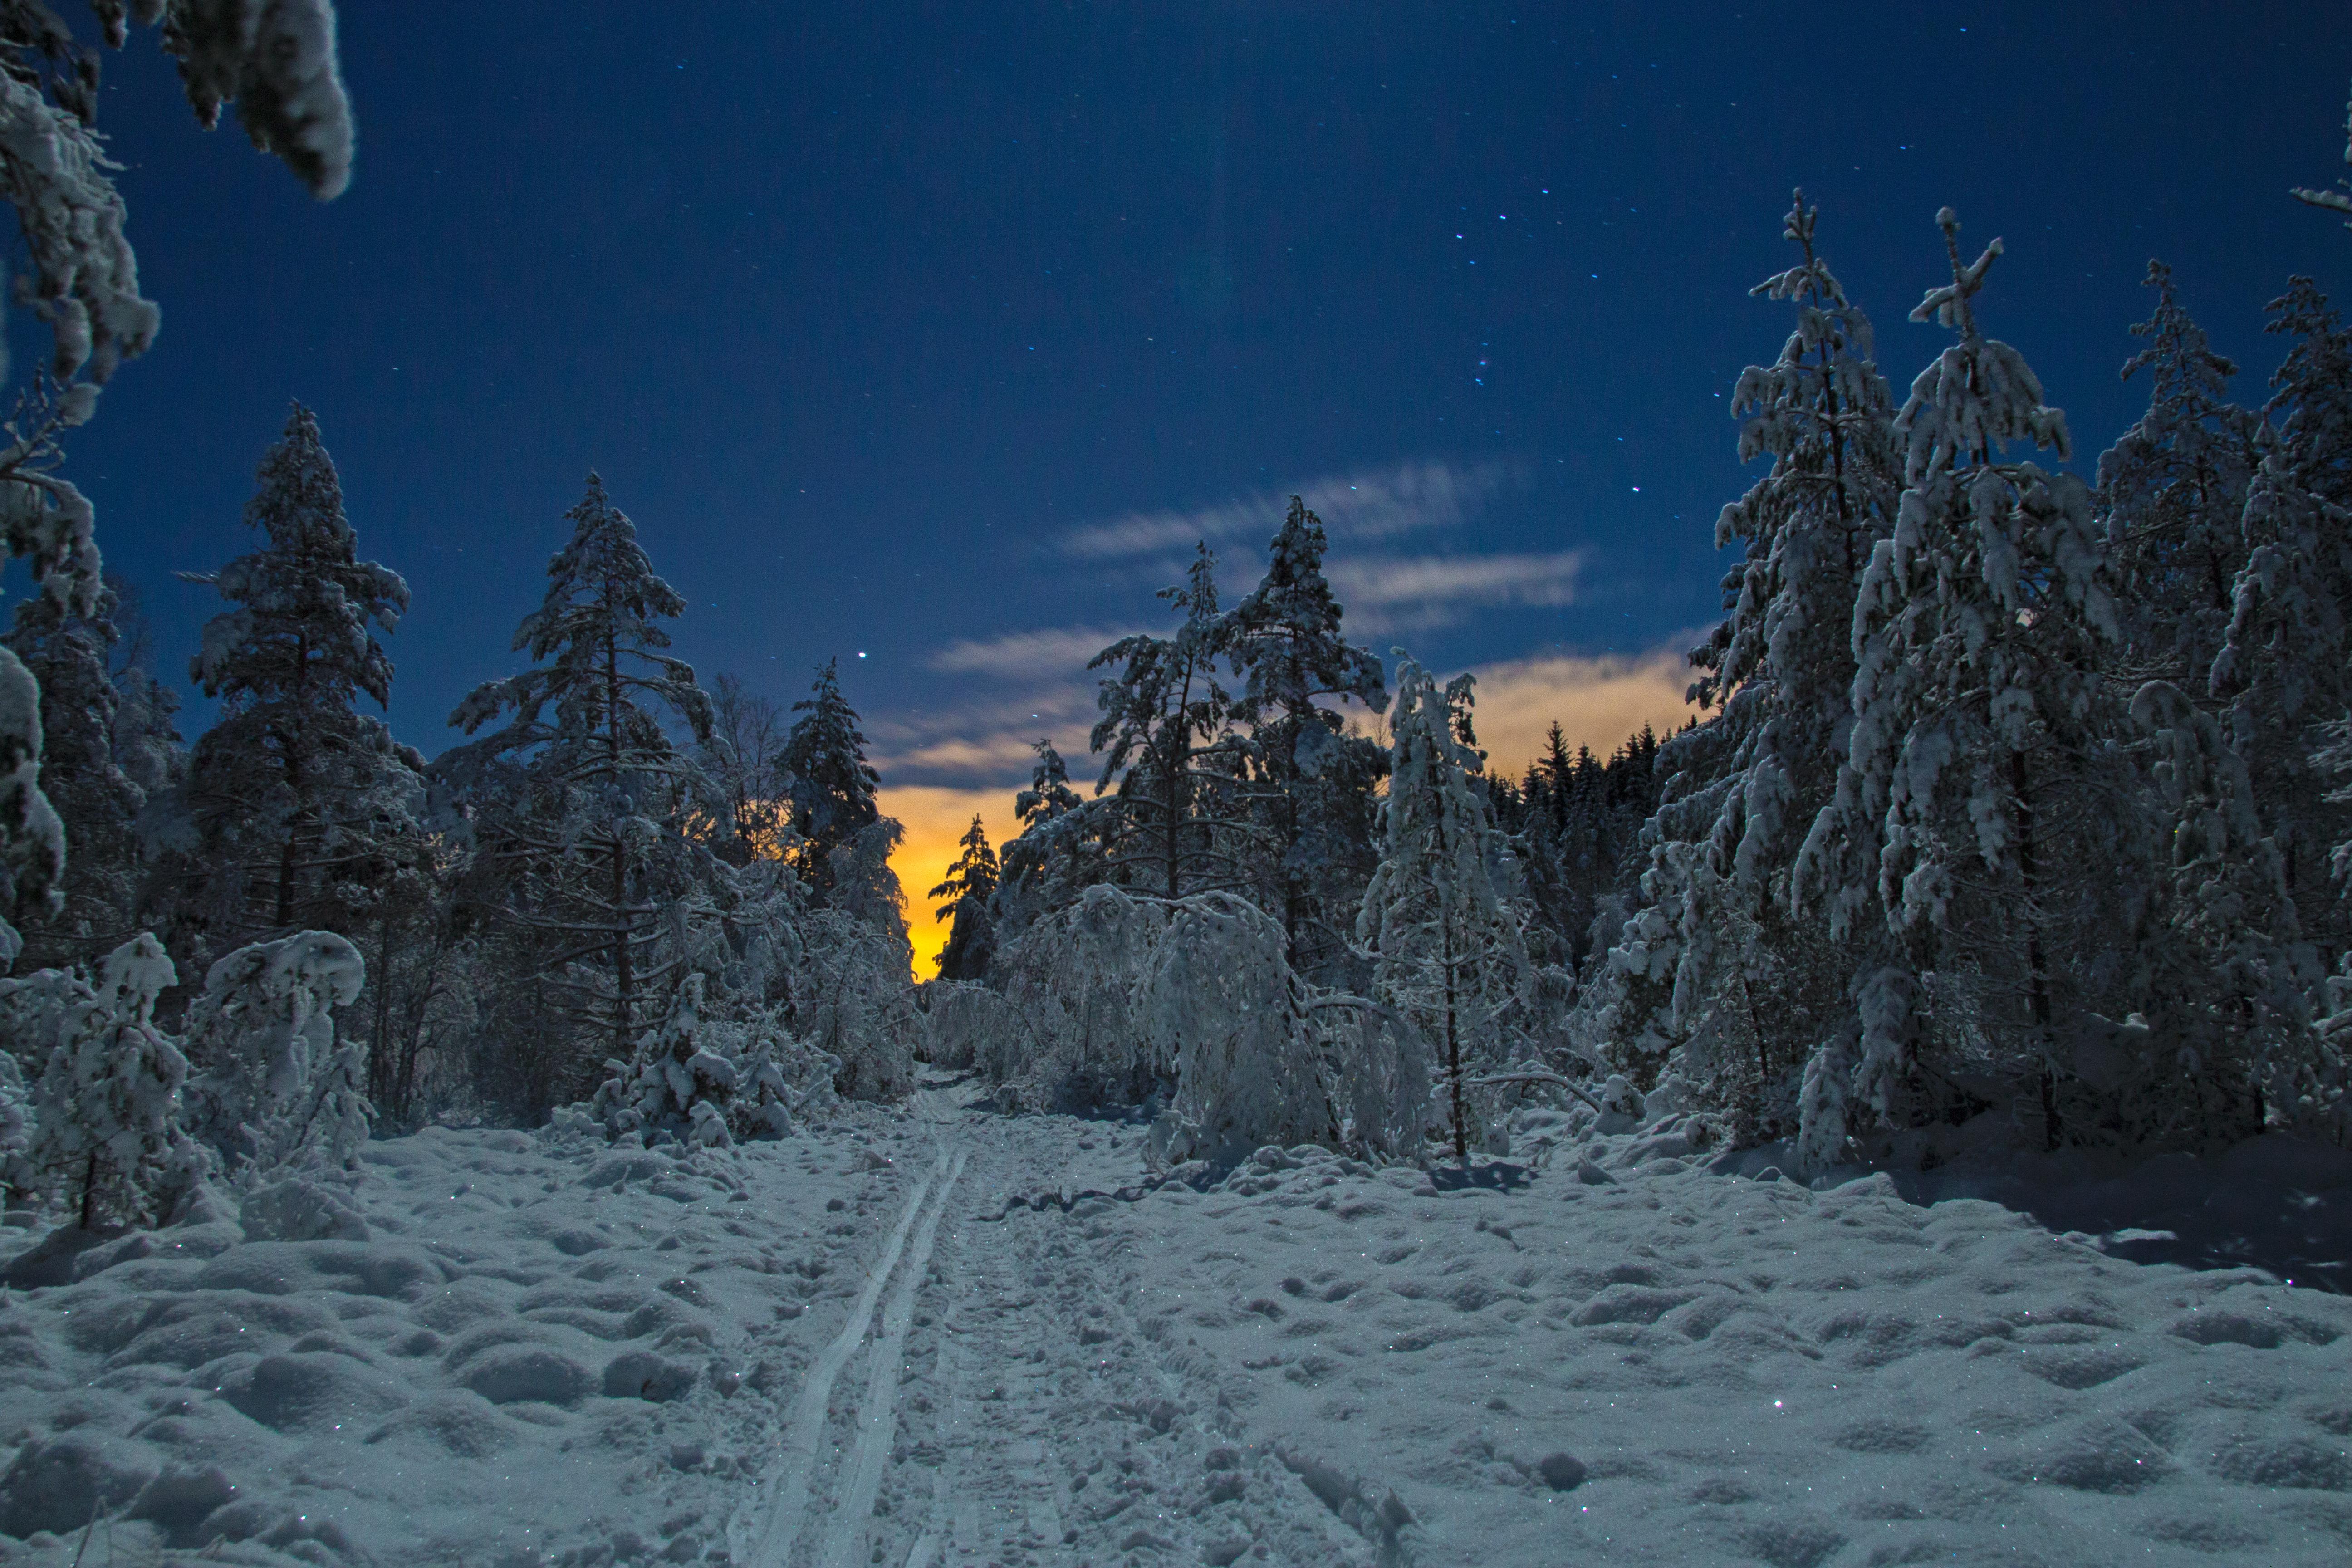 Anders Eidsnes_Orions belte_nattbilete frå skiløypa i skogen på Eikanger.jpg